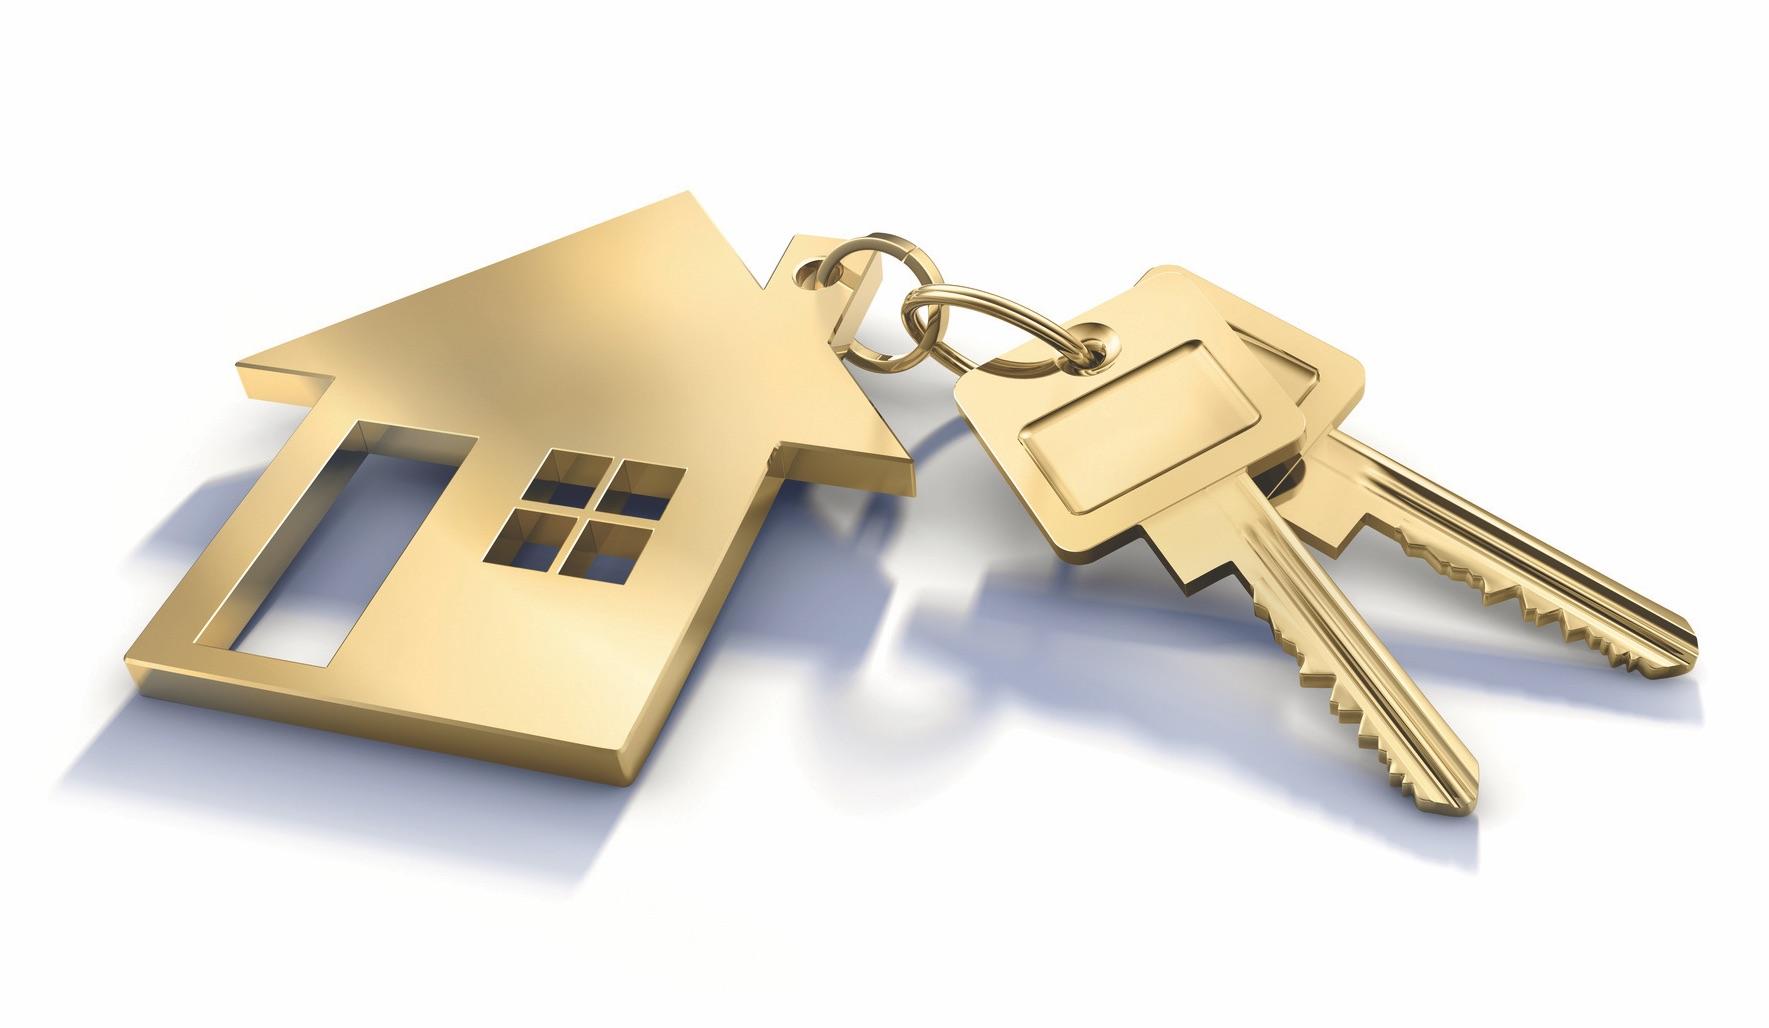 Acheter une maison: misez sur Portugal